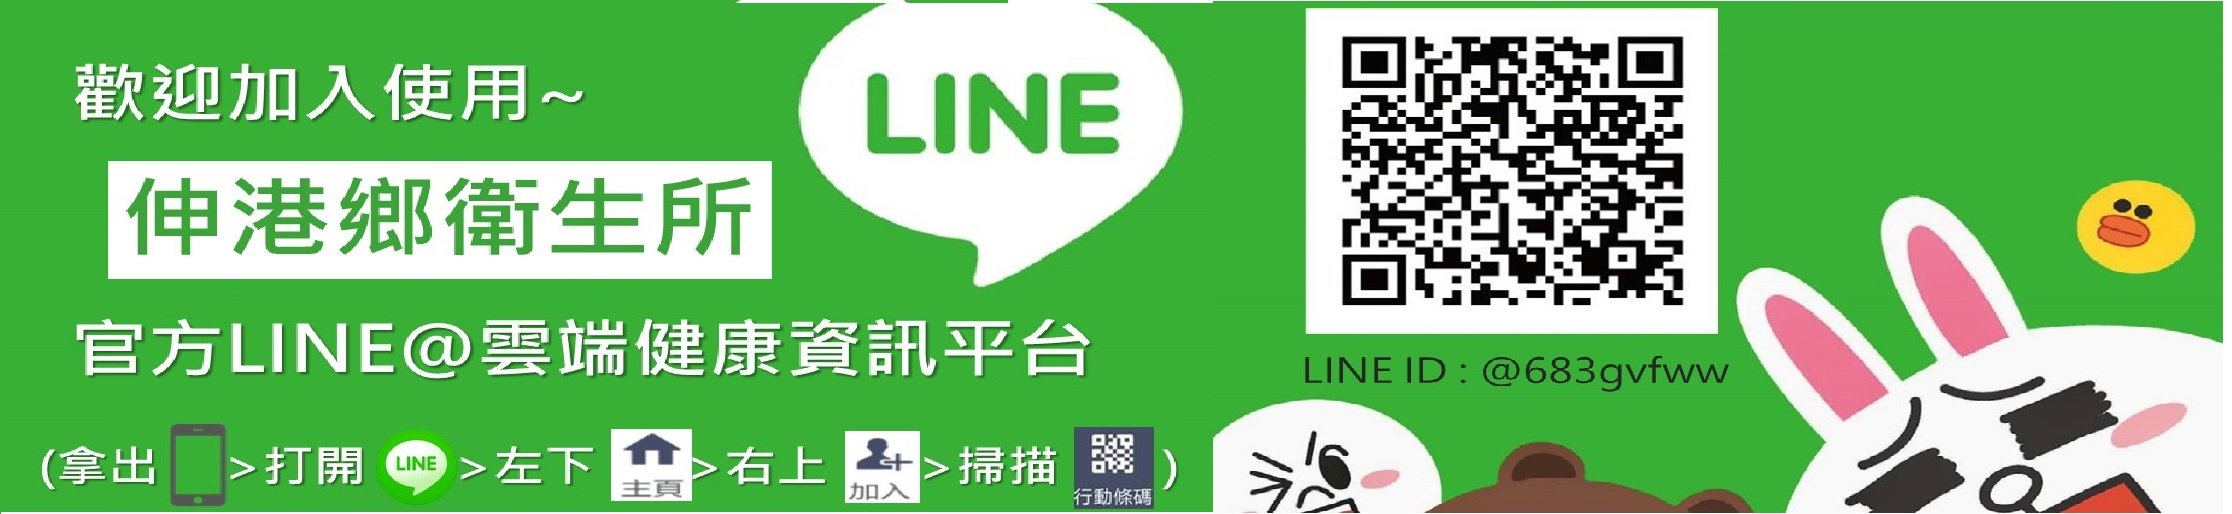 歡迎加入衛生所LINE@ QRcode 海報 輪播圖(另開新視窗)